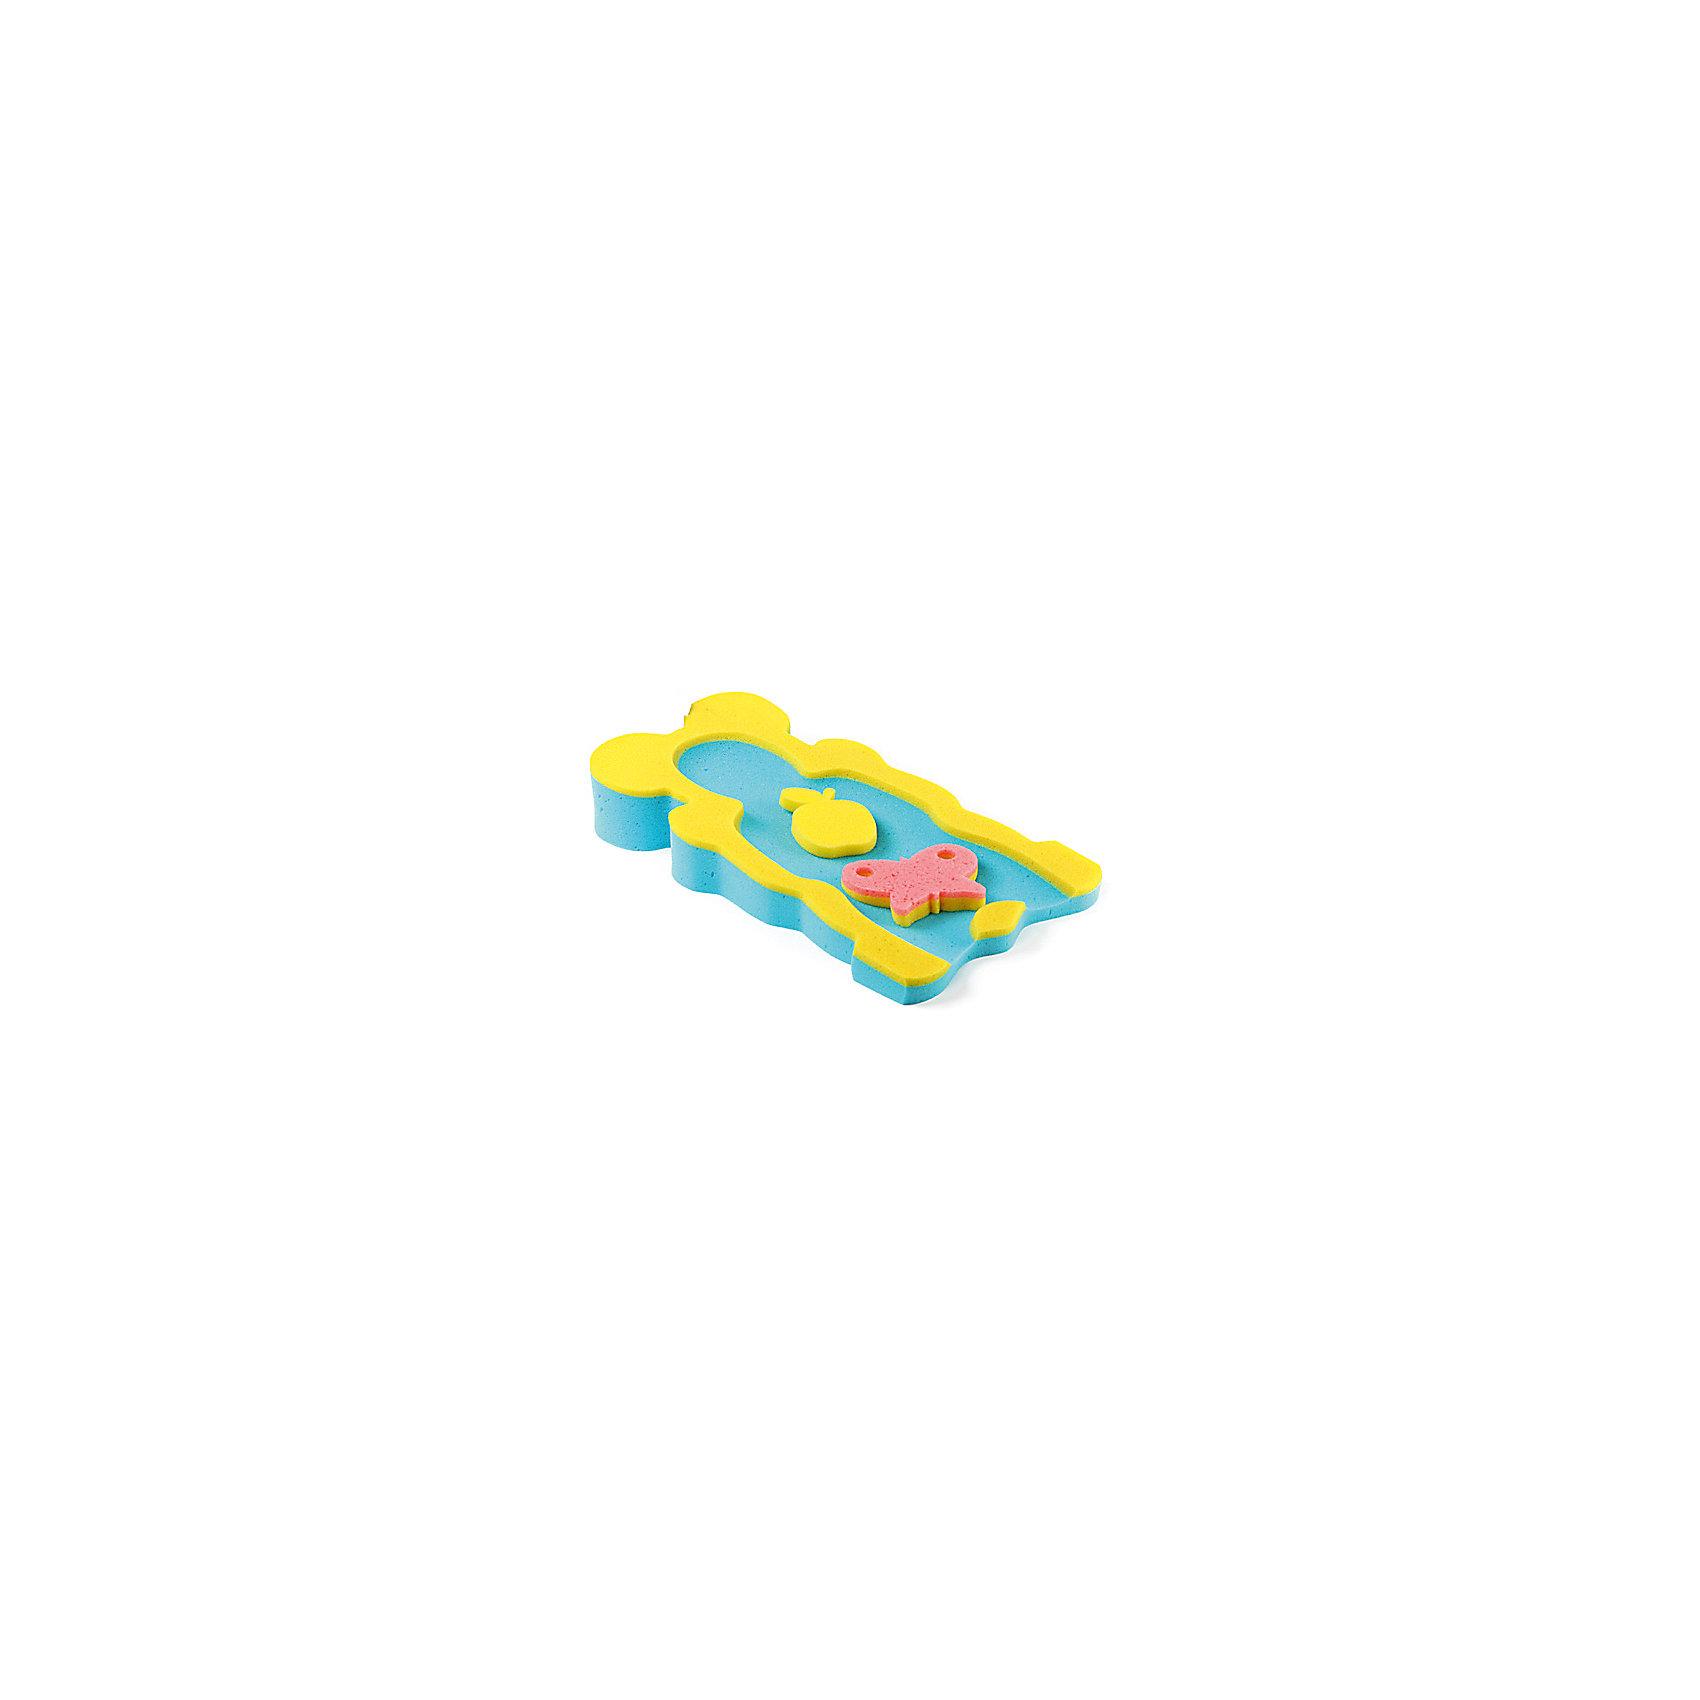 Накладка в ванну Макси, Tega, в ассортименте.Мягкая и упругая двухцветная накладка в ванну Tega Макси предназначена для купания младенцев. Выполнена в форме горки с анатомической выемкой, удобной для малыша. В комплект входят 2 фигурные мочалки-игрушки, которые смогут развеселить ребенка во время купания. Позитивная расцветка порадует и взрослых, и детей. Гипоаллергенный материал абсолютно безвреден для крохи. Идеально подходит для новорожденных. Замечательный аксессуар в помощь родителям для купания младенцев!<br><br>Дополнительная информация:<br>- вес: 700 гр.;<br>- габариты: 115х600х300 мм;<br>- категория: 0+;<br>- 2 фигурные поролоновые губки в комплекте;<br>- материал: поролон.<br><br>ВНИМАНИЕ! Данный артикул имеется в наличии в разных цветовых исполнениях. К сожалению, заранее выбрать определенный цвет невозможно. При заказе нескольких позиций возможно получение одинаковых.<br><br>Накладку в ванну Макси Tega (Тэга) двухцветную можно купить в нашем магазине<br><br>Ширина мм: 115<br>Глубина мм: 600<br>Высота мм: 300<br>Вес г: 700<br>Возраст от месяцев: -2147483648<br>Возраст до месяцев: 2147483647<br>Пол: Унисекс<br>Возраст: Детский<br>SKU: 3946072